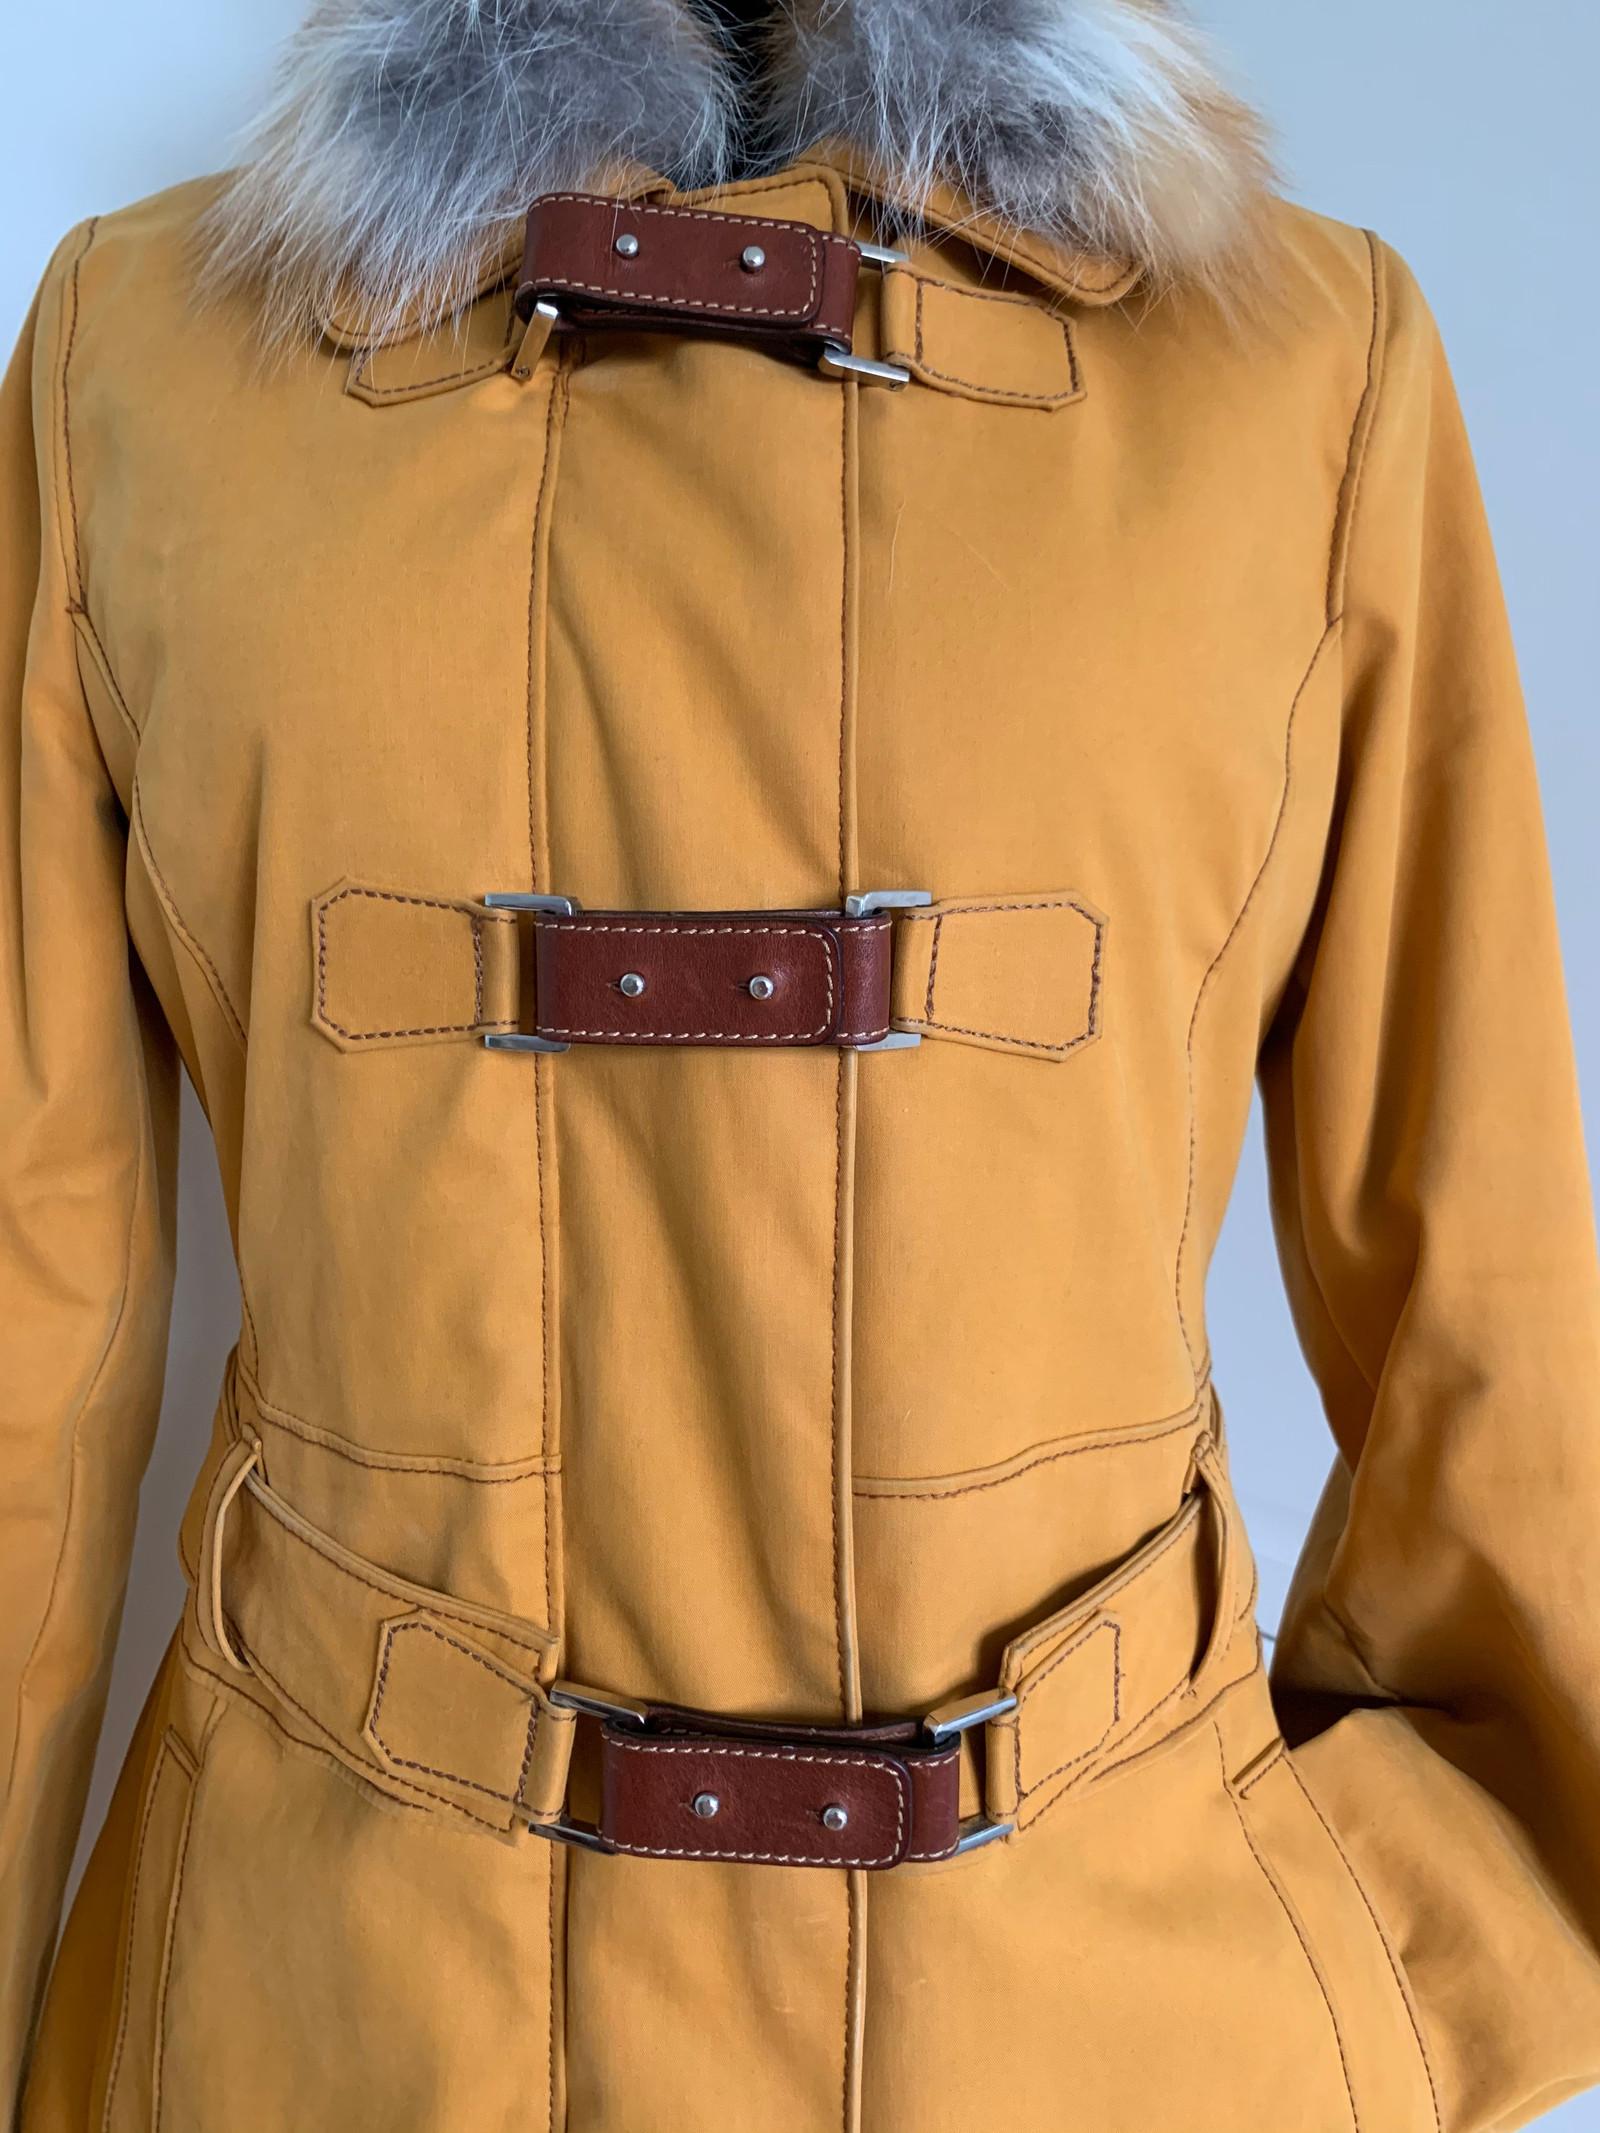 Designer vinterjakke kåpe fra italienske luksus merke Henry